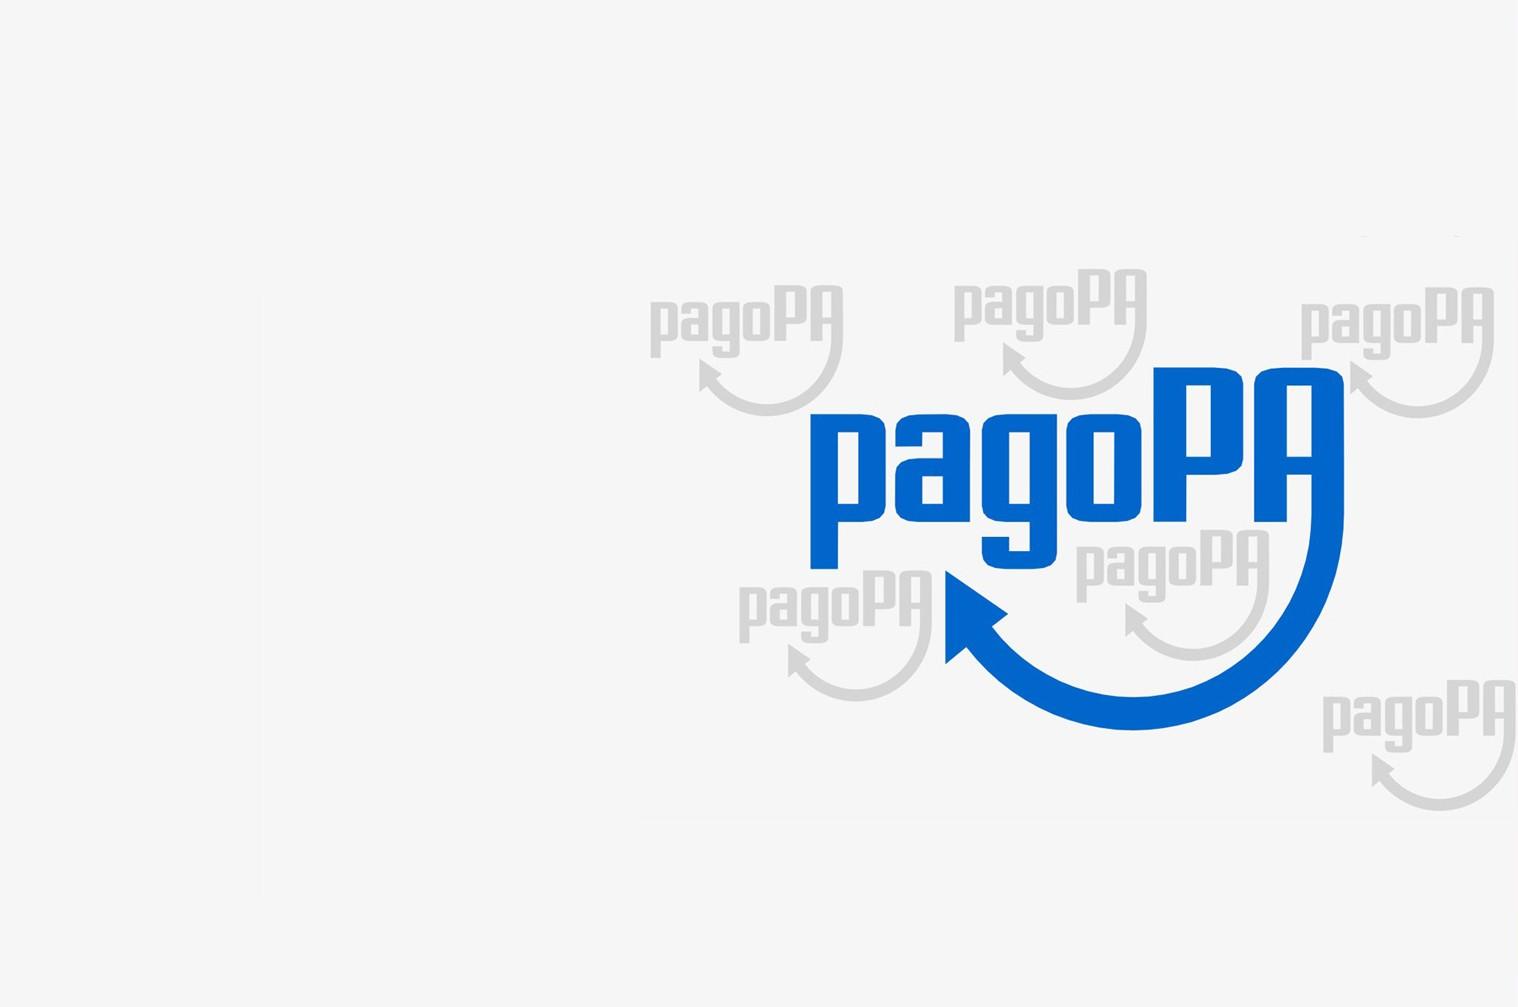 Pagamenti on-line